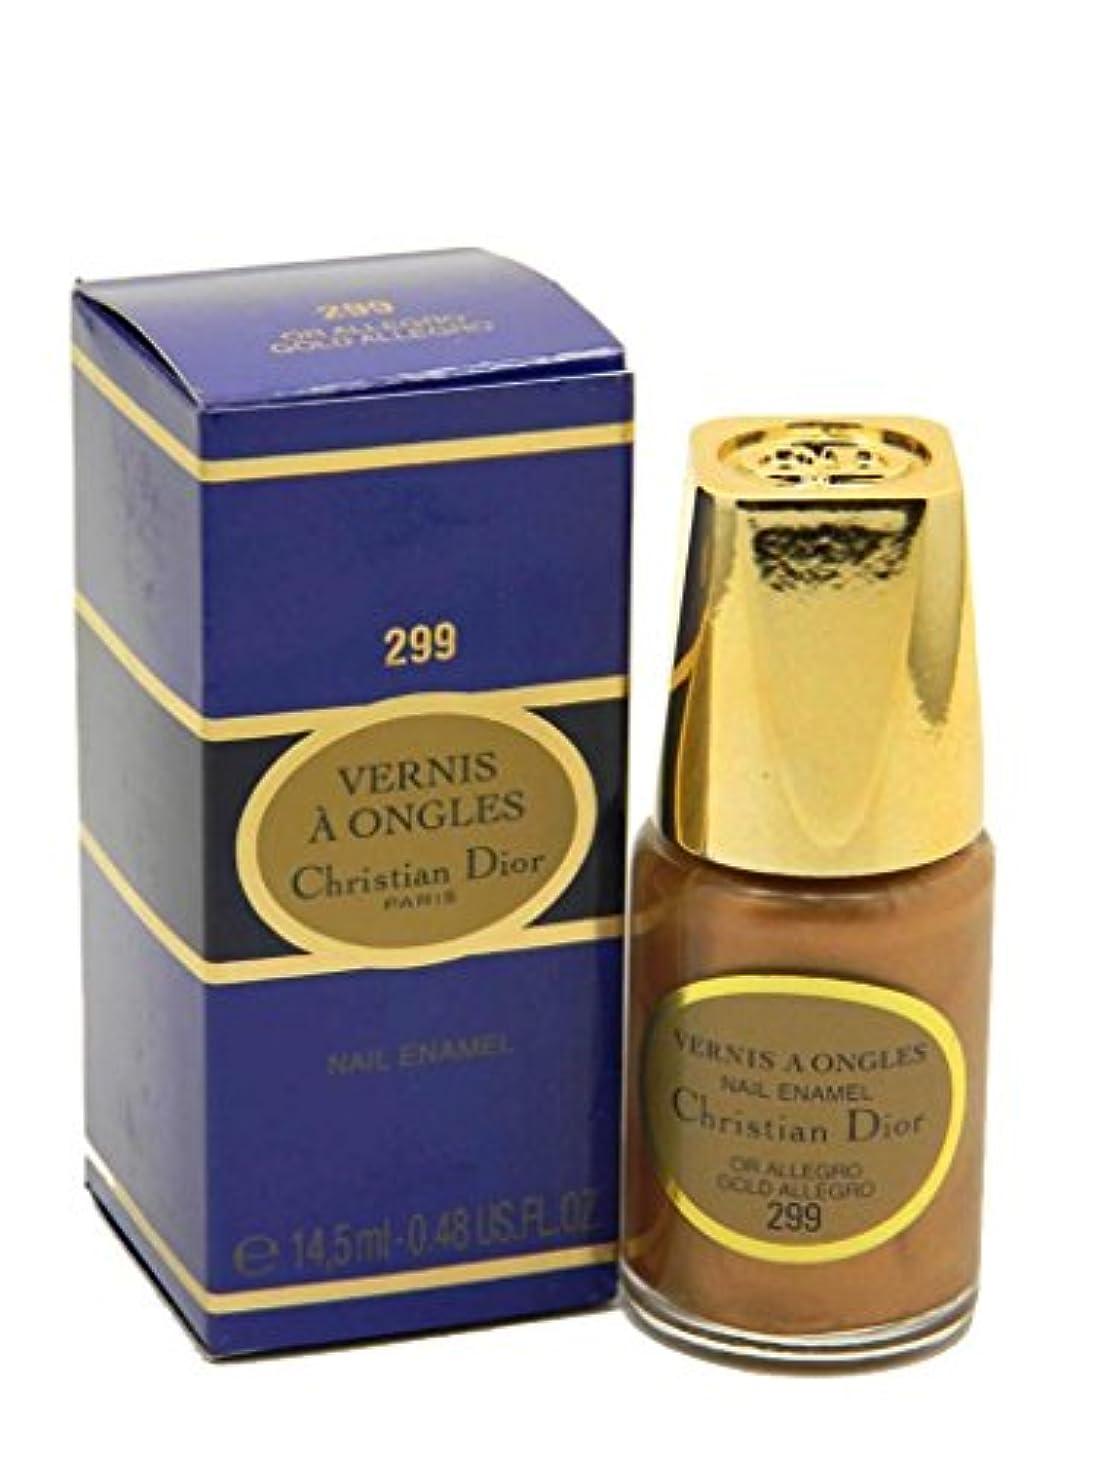 理論宿るレッドデートDior Vernis A Ongles Nail Enamel Polish 299 Gold Allegro(ディオール ヴェルニ ア オングル ネイルエナメル ポリッシュ 299 ゴールドアレグロ) [並行輸入品]